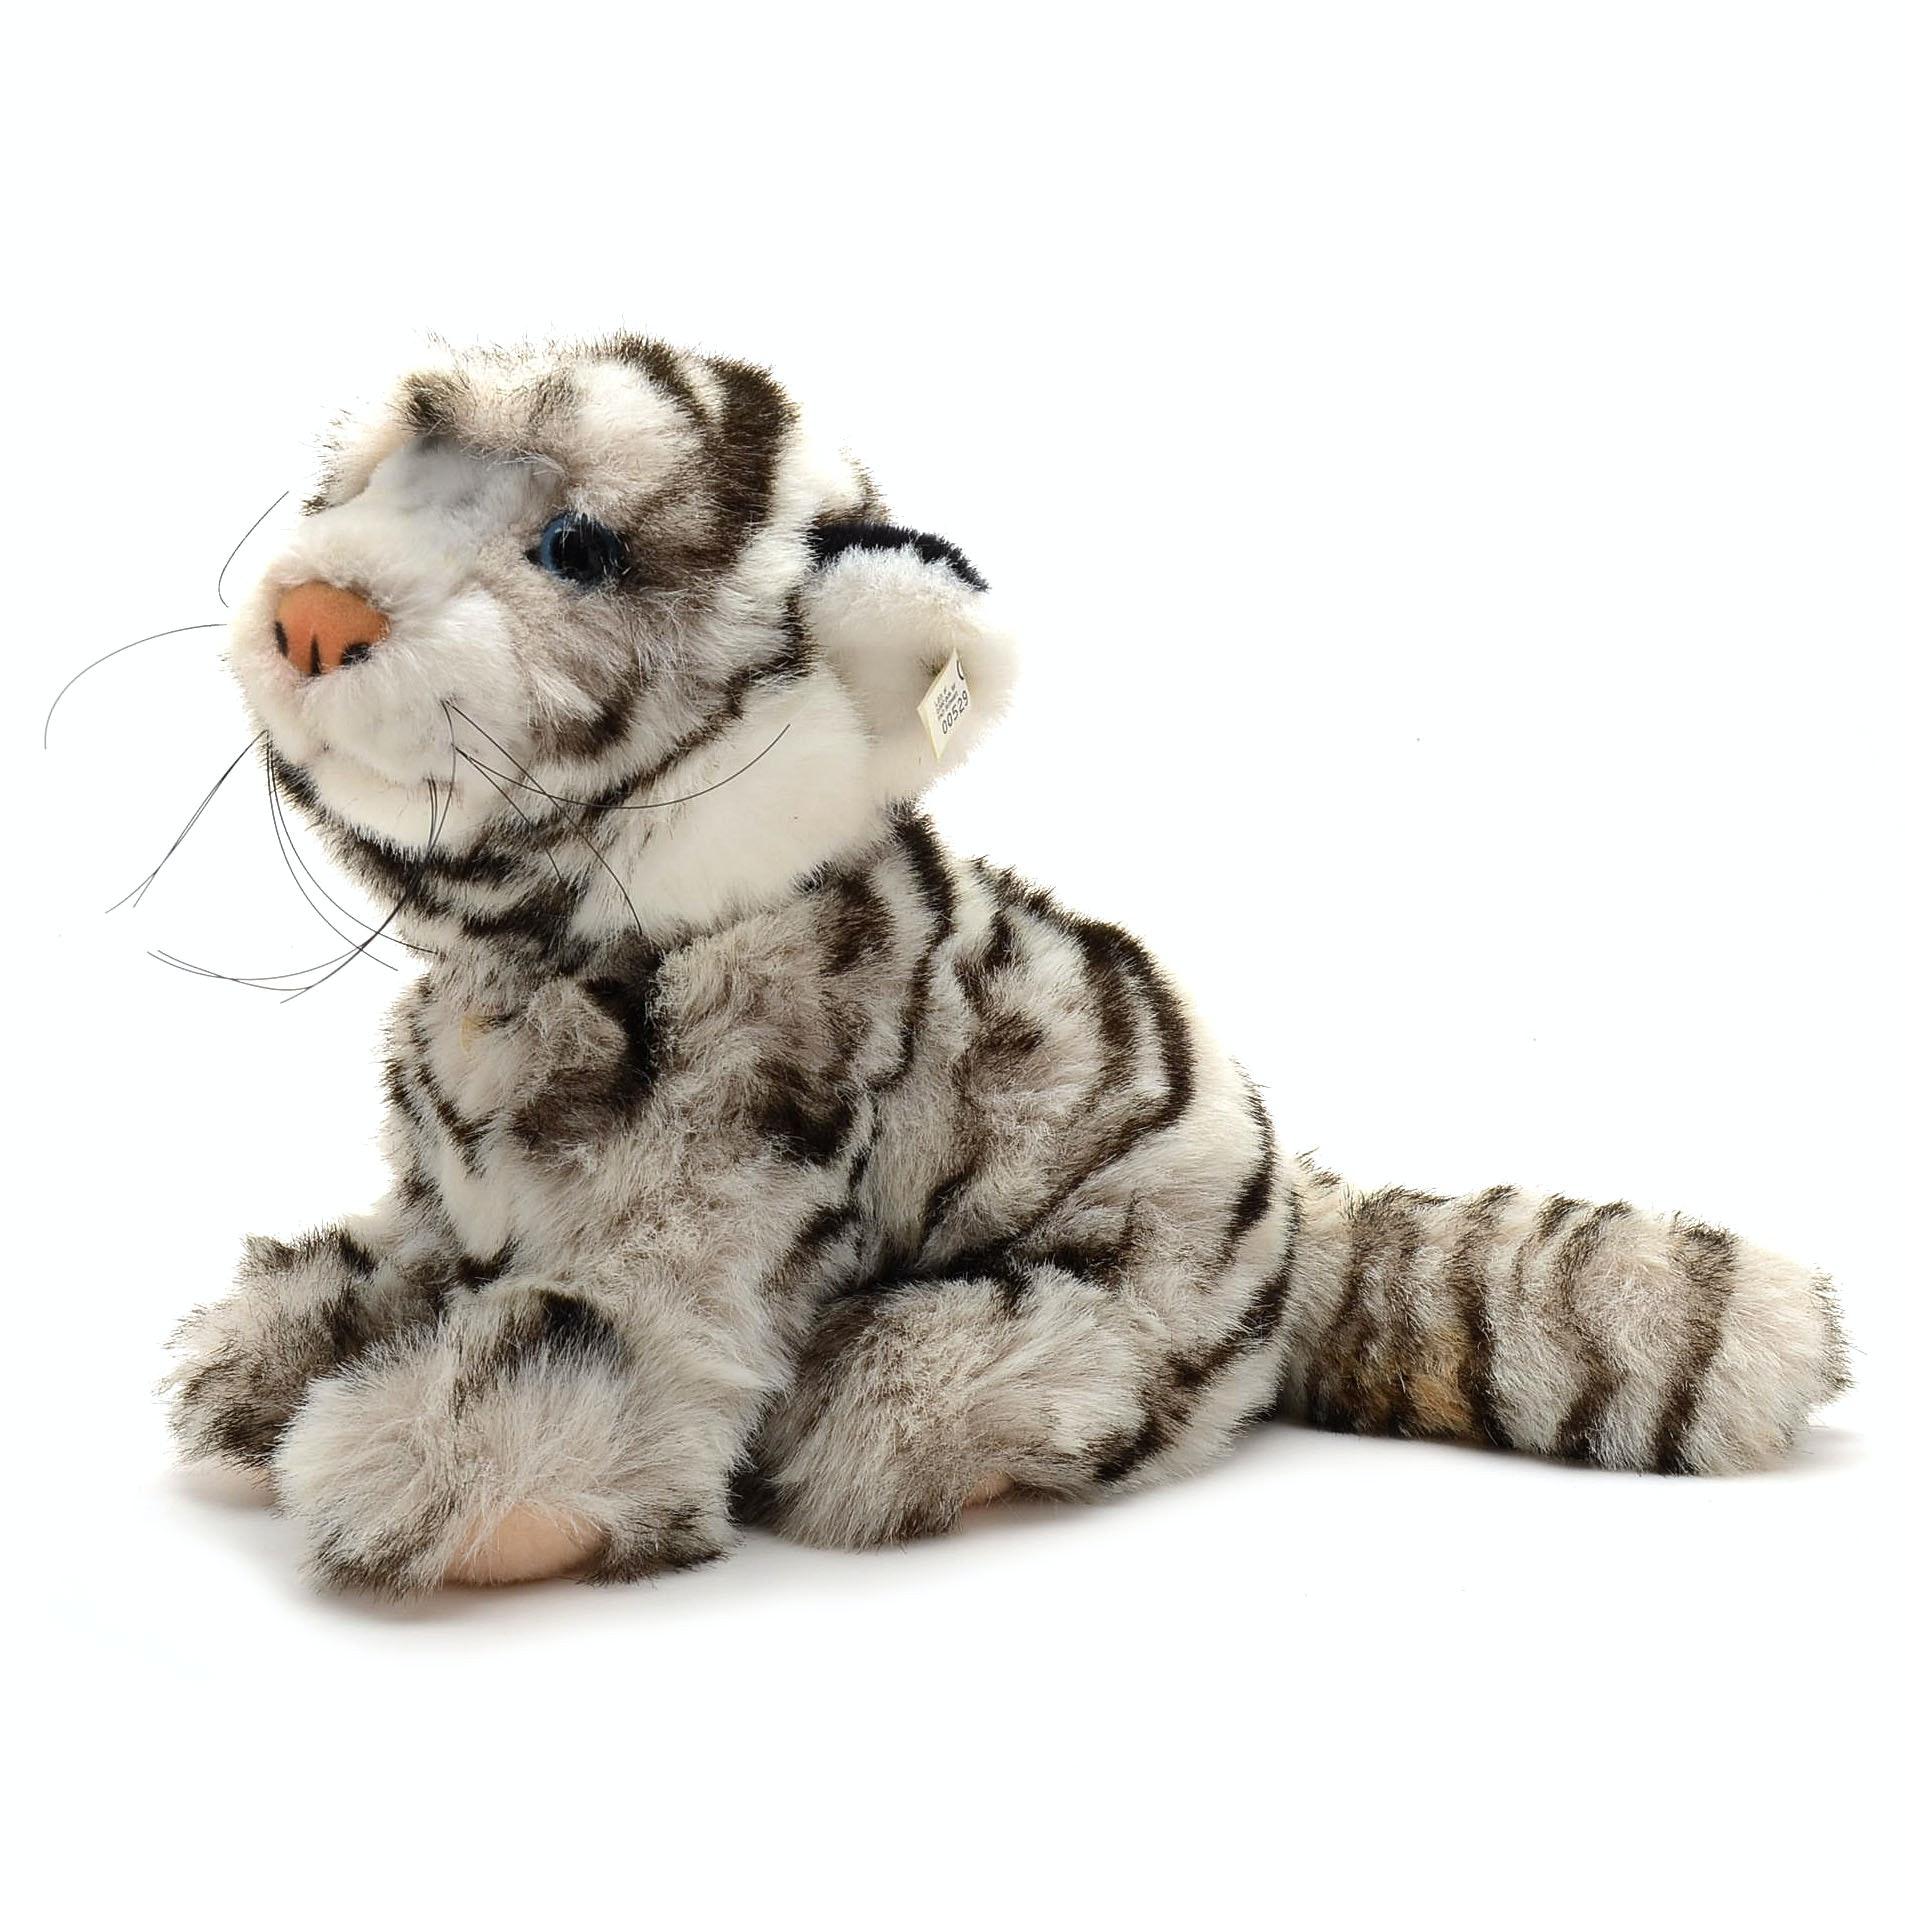 F.A.O. Schwartz Limited Edition Steiff White Tiger Cub